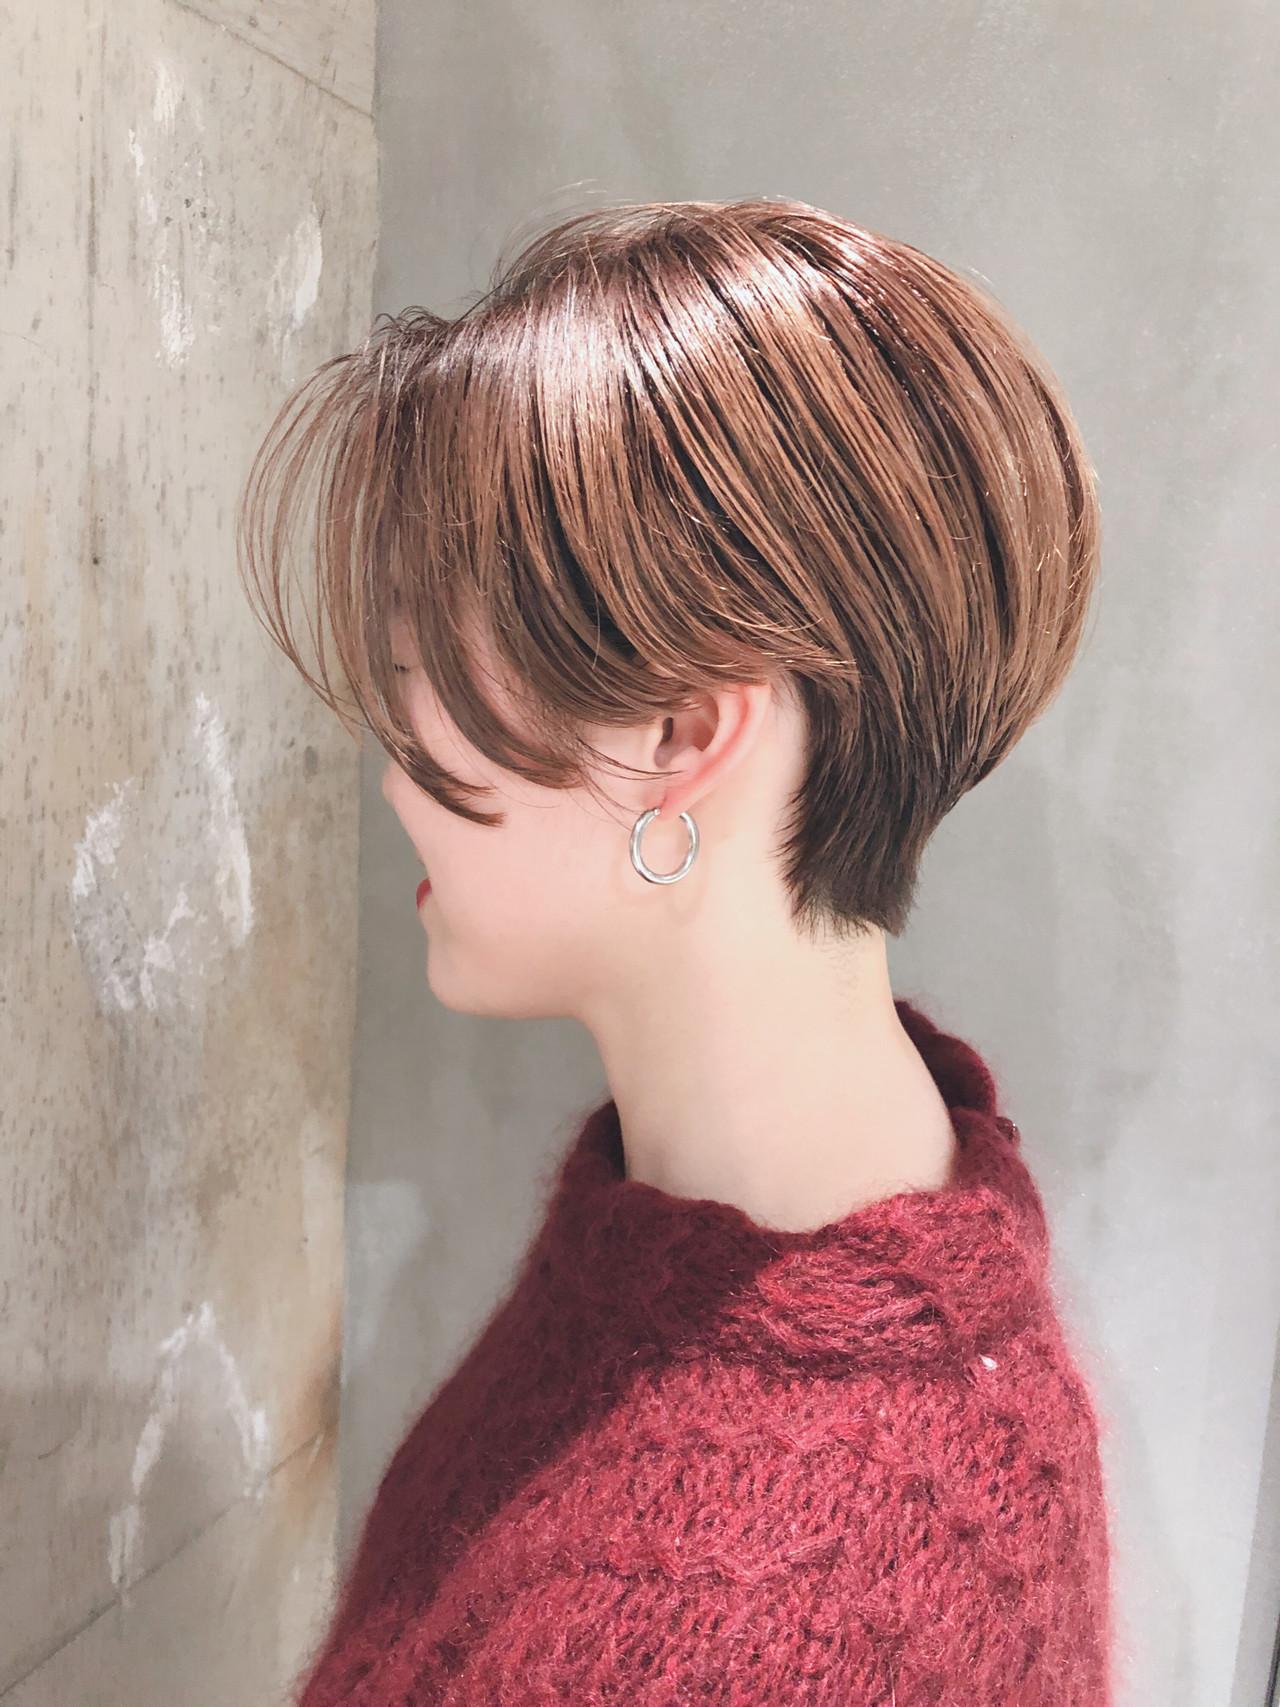 ショートヘア ナチュラル 前下がりショート ハンサムショート ヘアスタイルや髪型の写真・画像